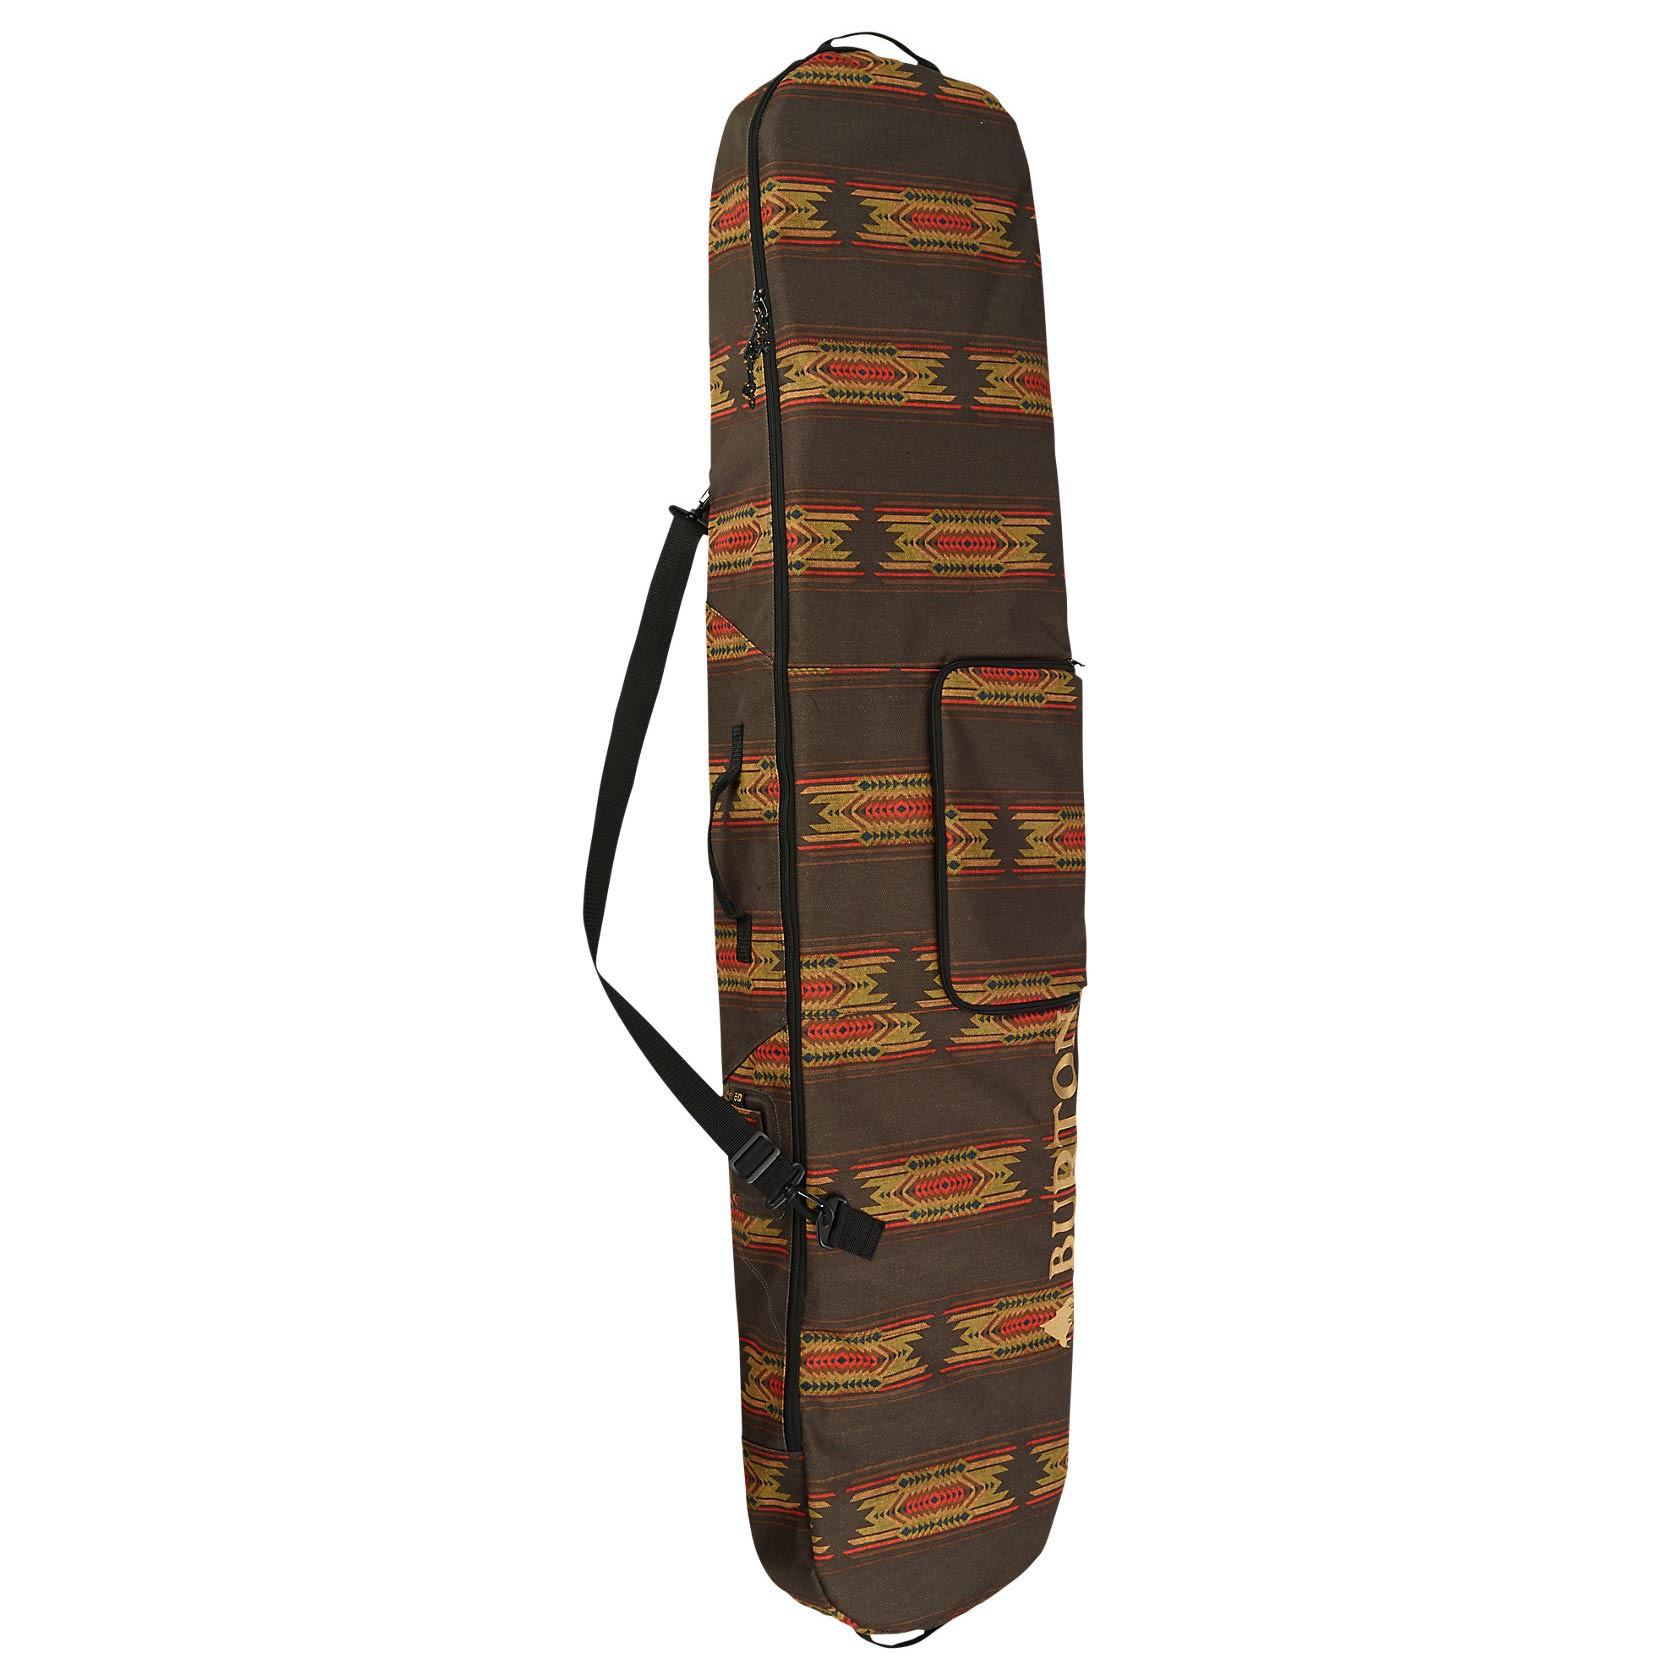 Obal na snowboard Burton Board Sack sierra print